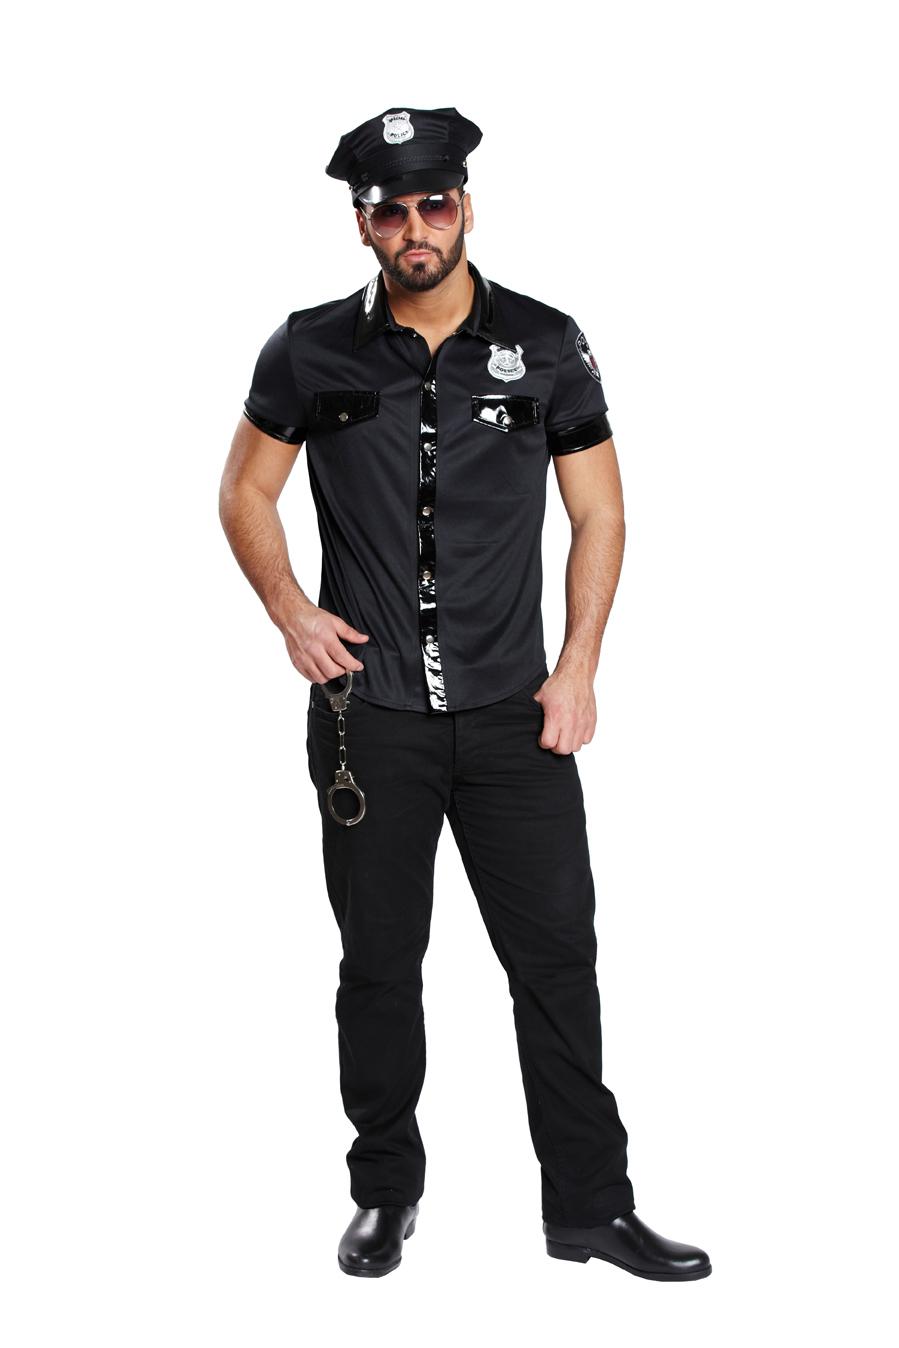 3 tlg.Sexy POLIZEIHEMD Herren schwarz Lackleder Optik L =52 + Polizeihut+Brille